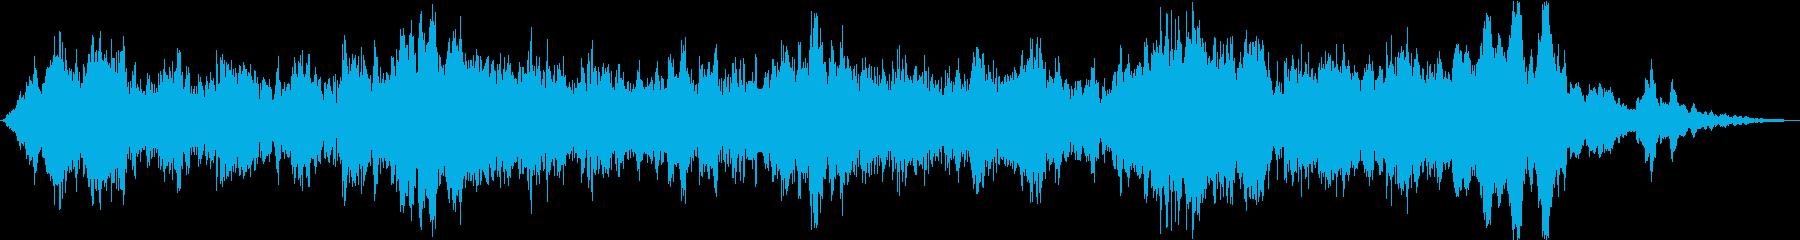 ドローン 必死のチューニング01の再生済みの波形